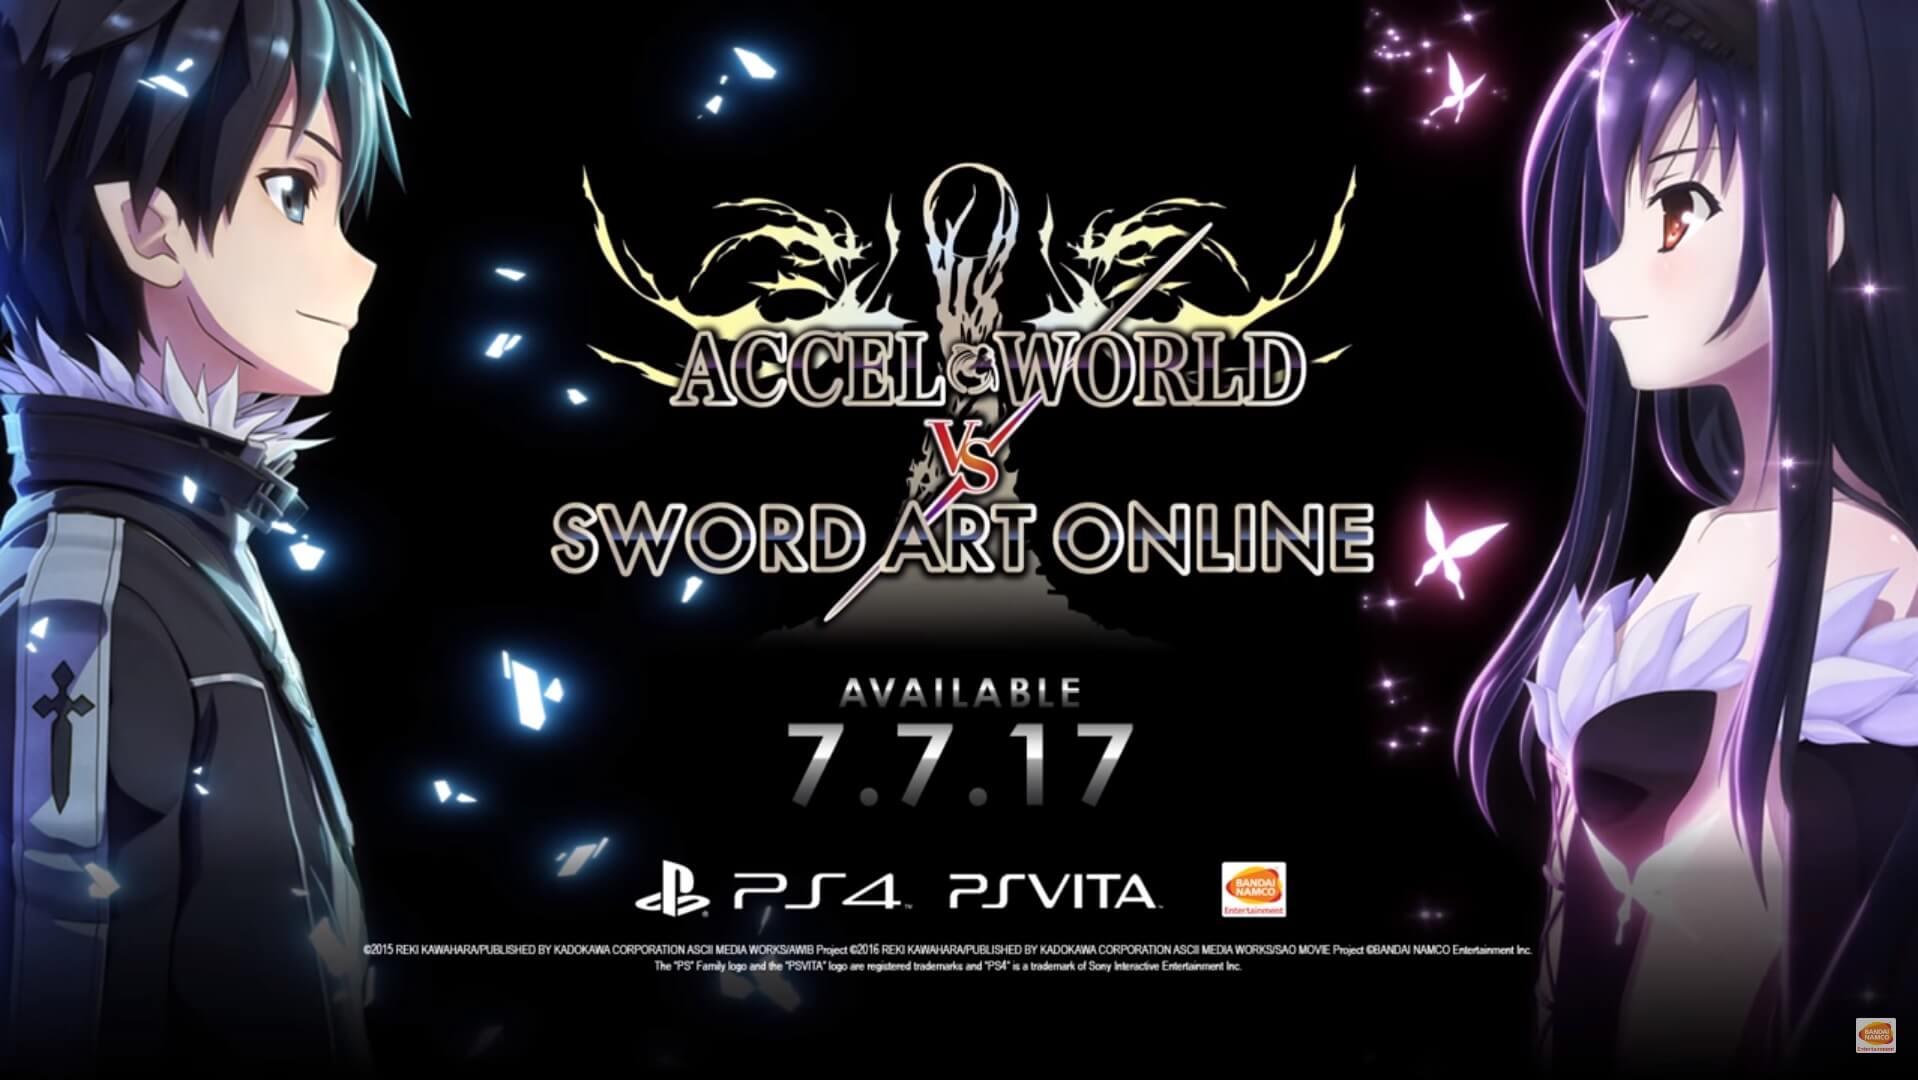 Accel World vs Sword Art Online revela Trailer e Data de Estreia